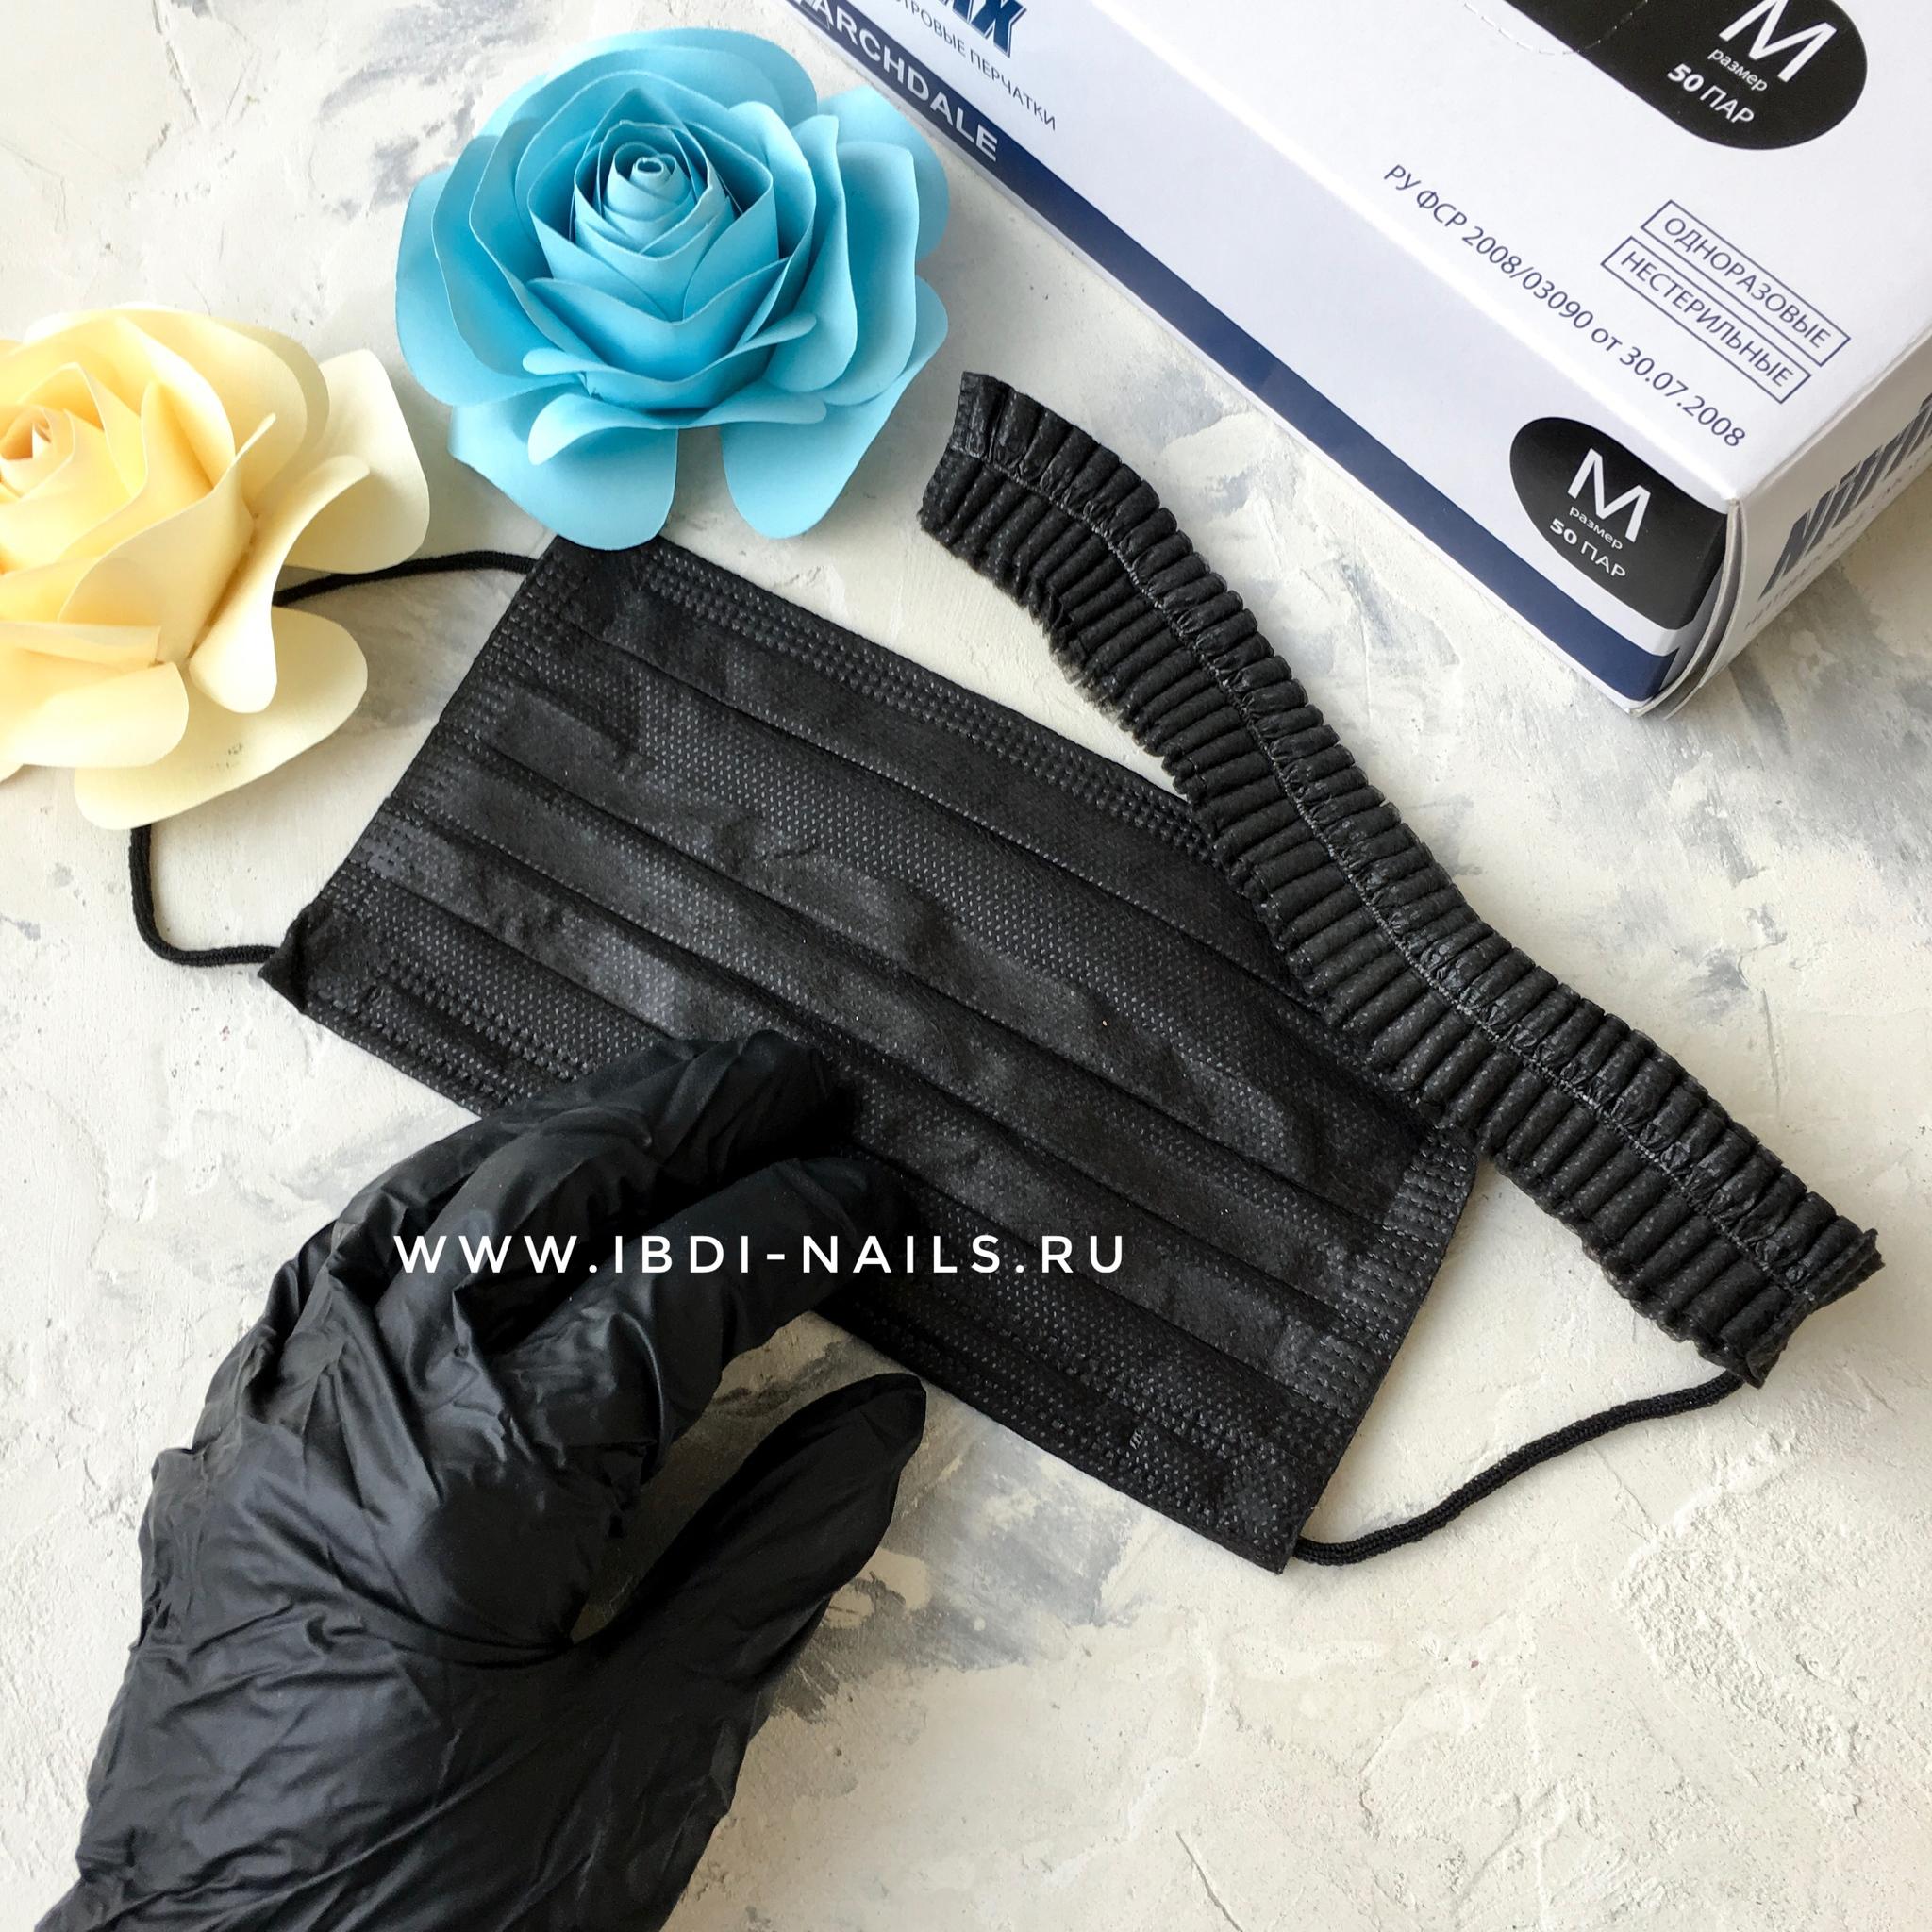 Перчатки NitriMAX нитриловые черные  S 50 пар